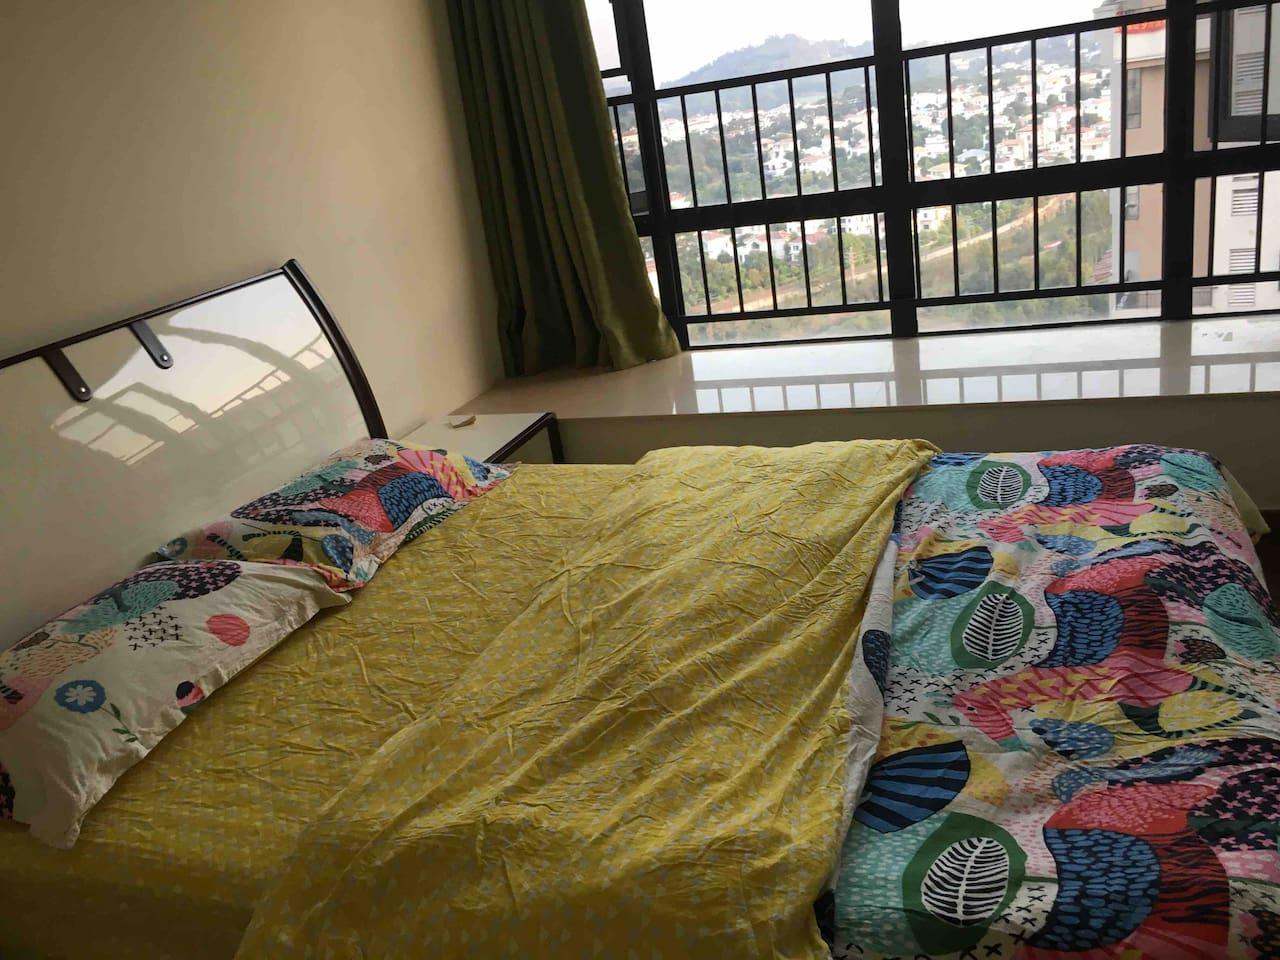 感档婚床及雅兰床垫,多喜爱棉被套,名牌蚕丝被,富安娜枕头,给您无比舒适的睡眠体验